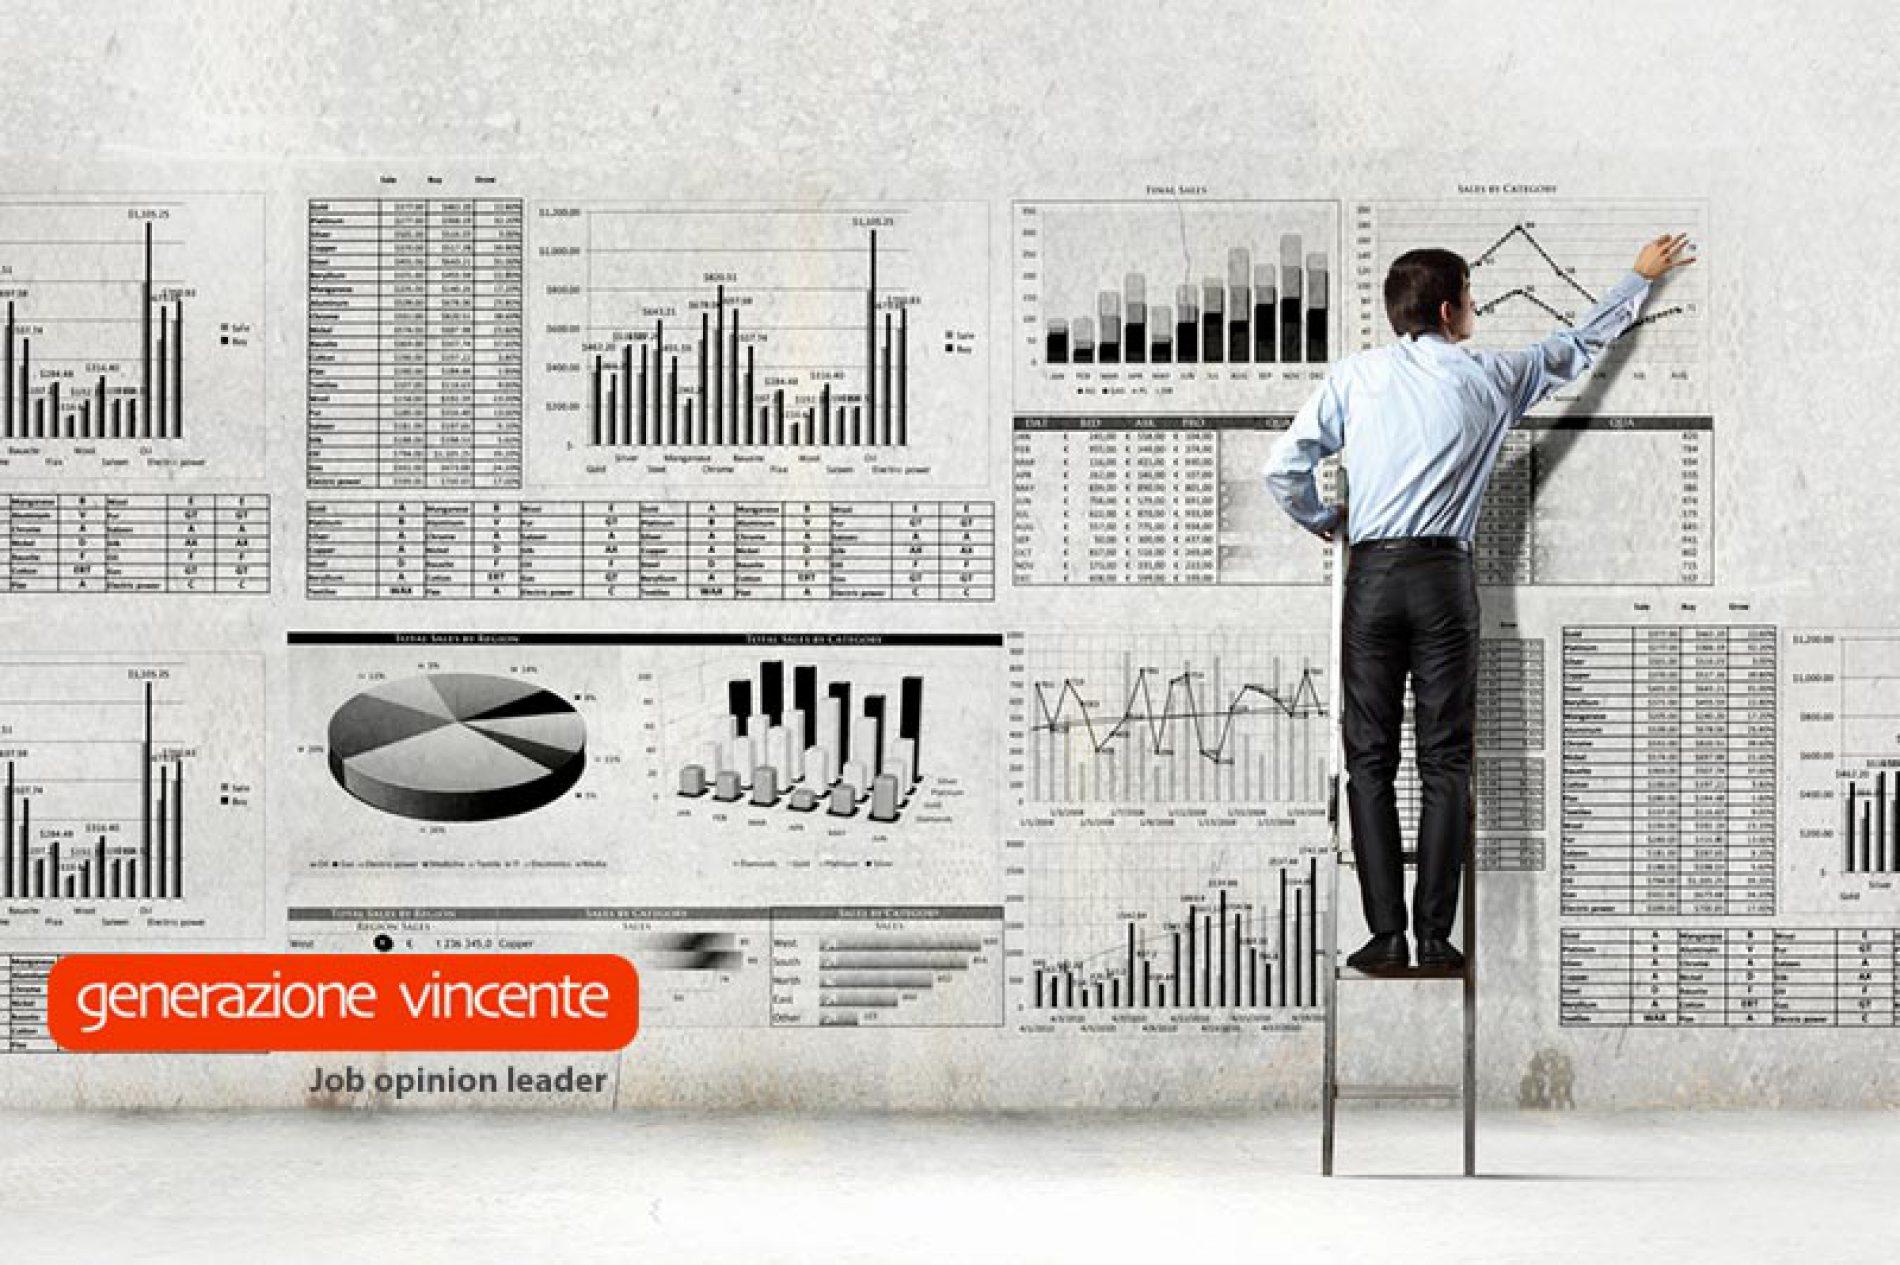 Sospensione dell'attivita' imprenditoriale: nuovi importi e modalita' di ottemperanza [E.Massi]